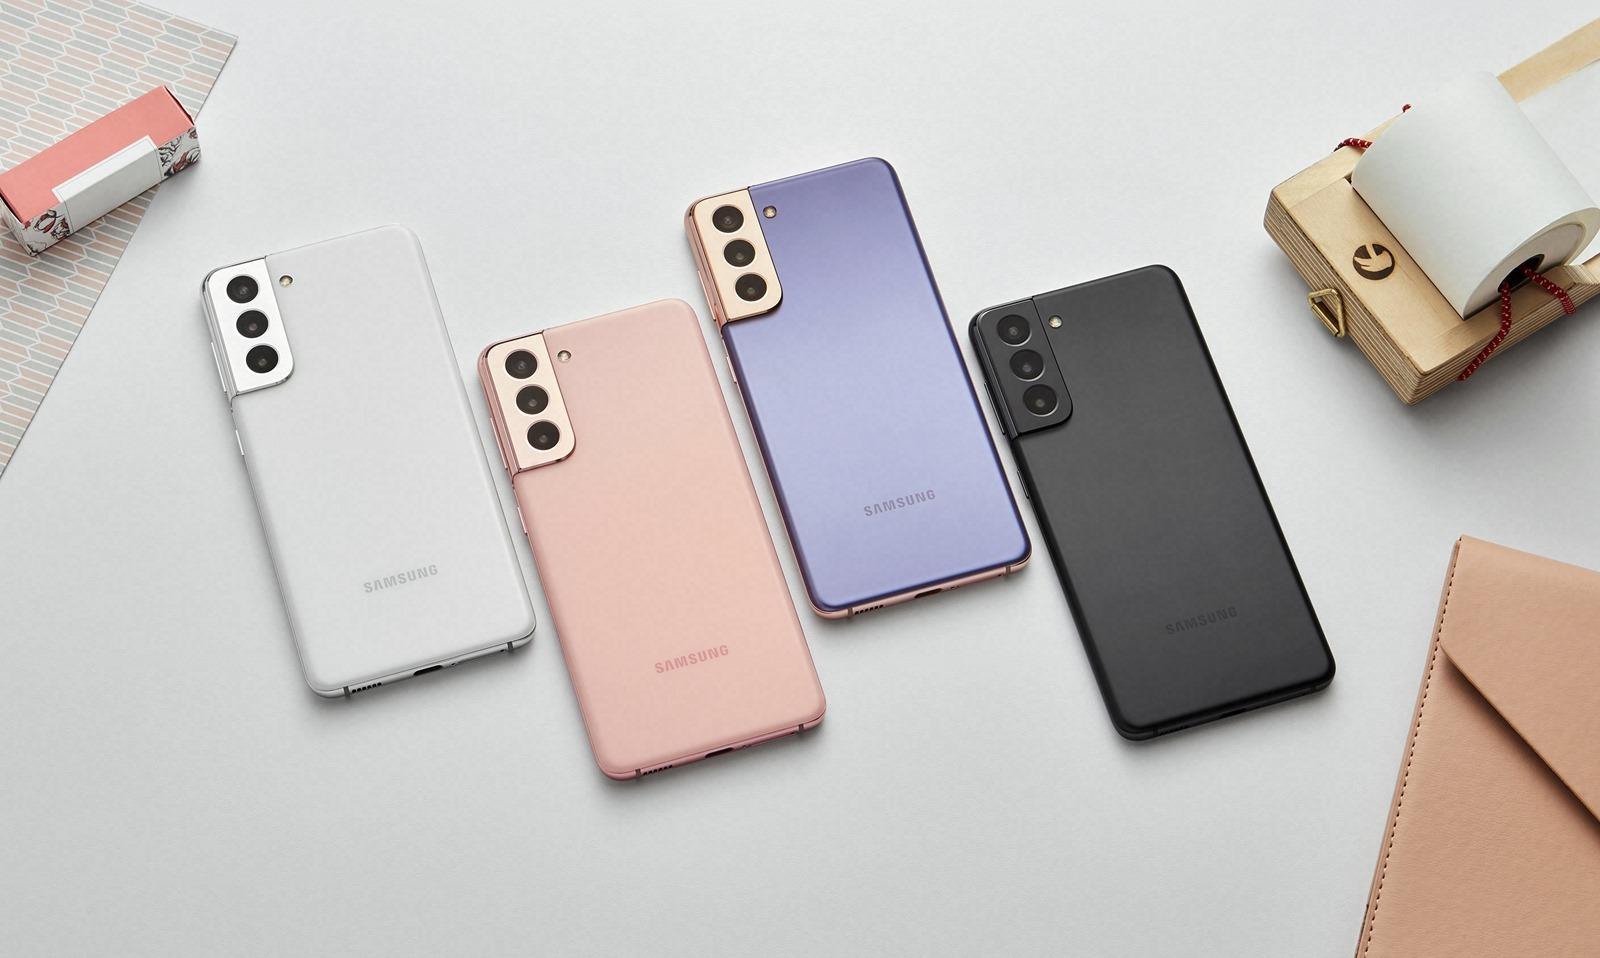 Samsung Galaxy S21︱S21+ 磅礴登場 為每日寫下史詩級精彩篇章 @3C 達人廖阿輝